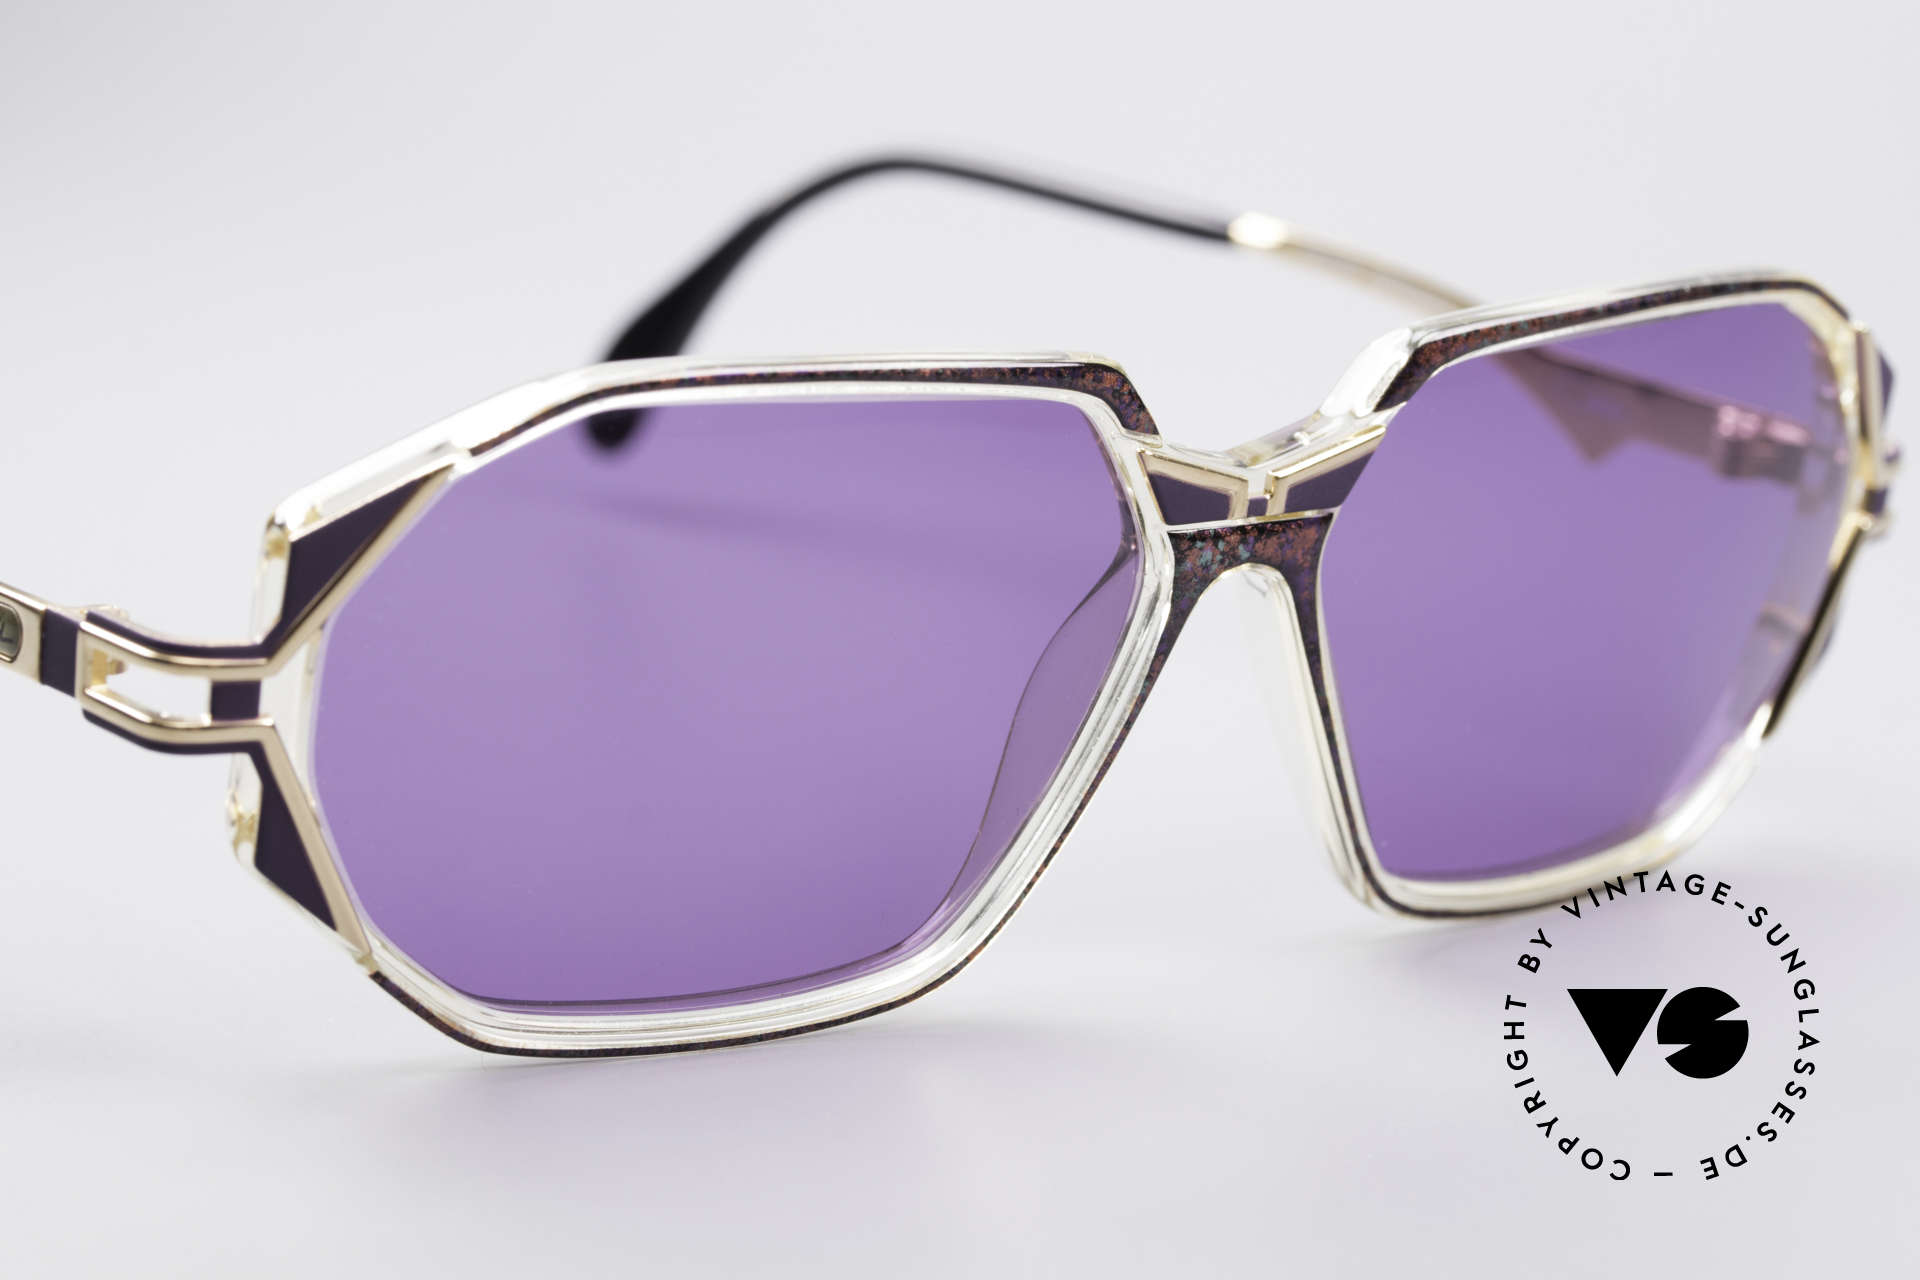 Cazal 361 Original 90er Sonnenbrille, ungetragen (wie alle unsere vintage Cazal Brillen), Passend für Damen